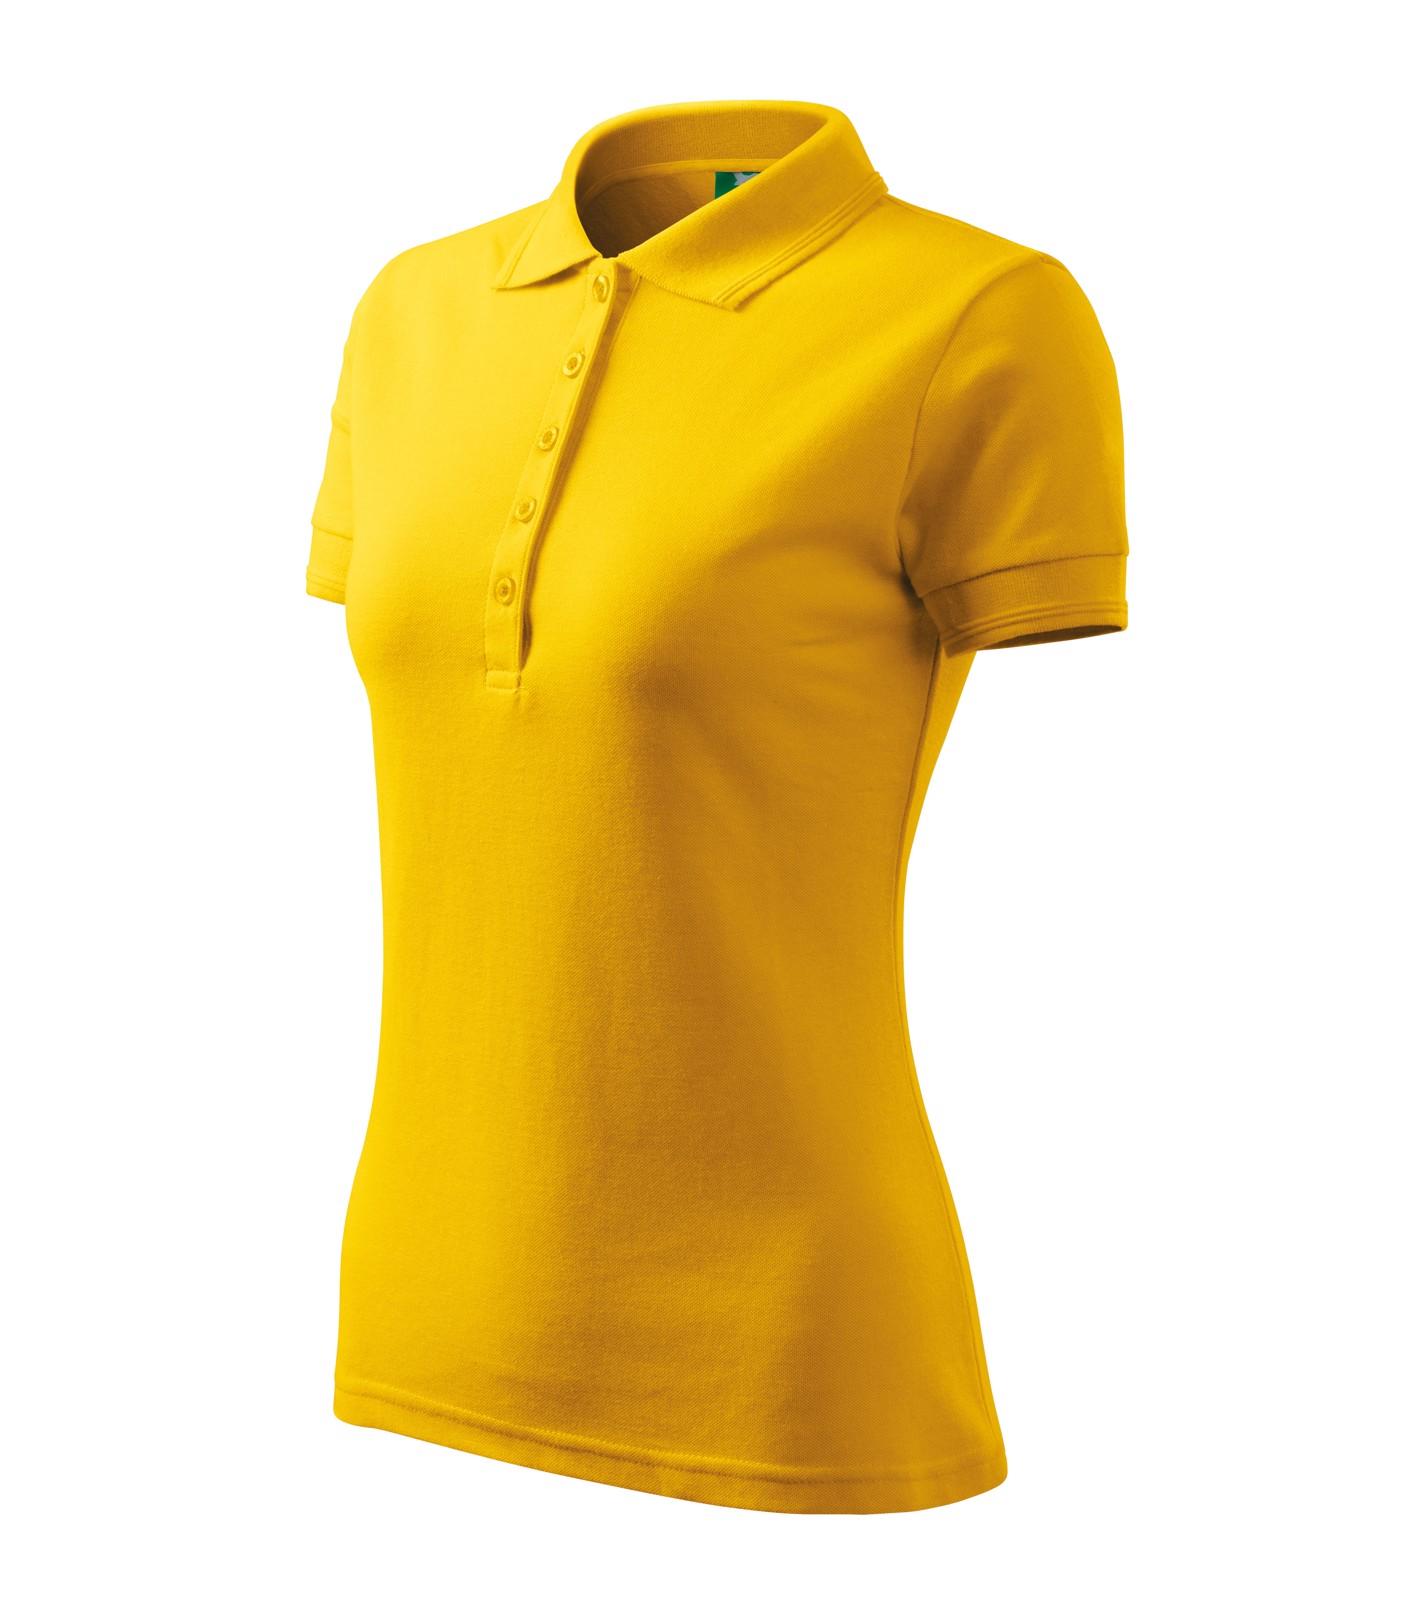 Polokošile dámská Malfini Pique Polo - Žlutá / 2XL